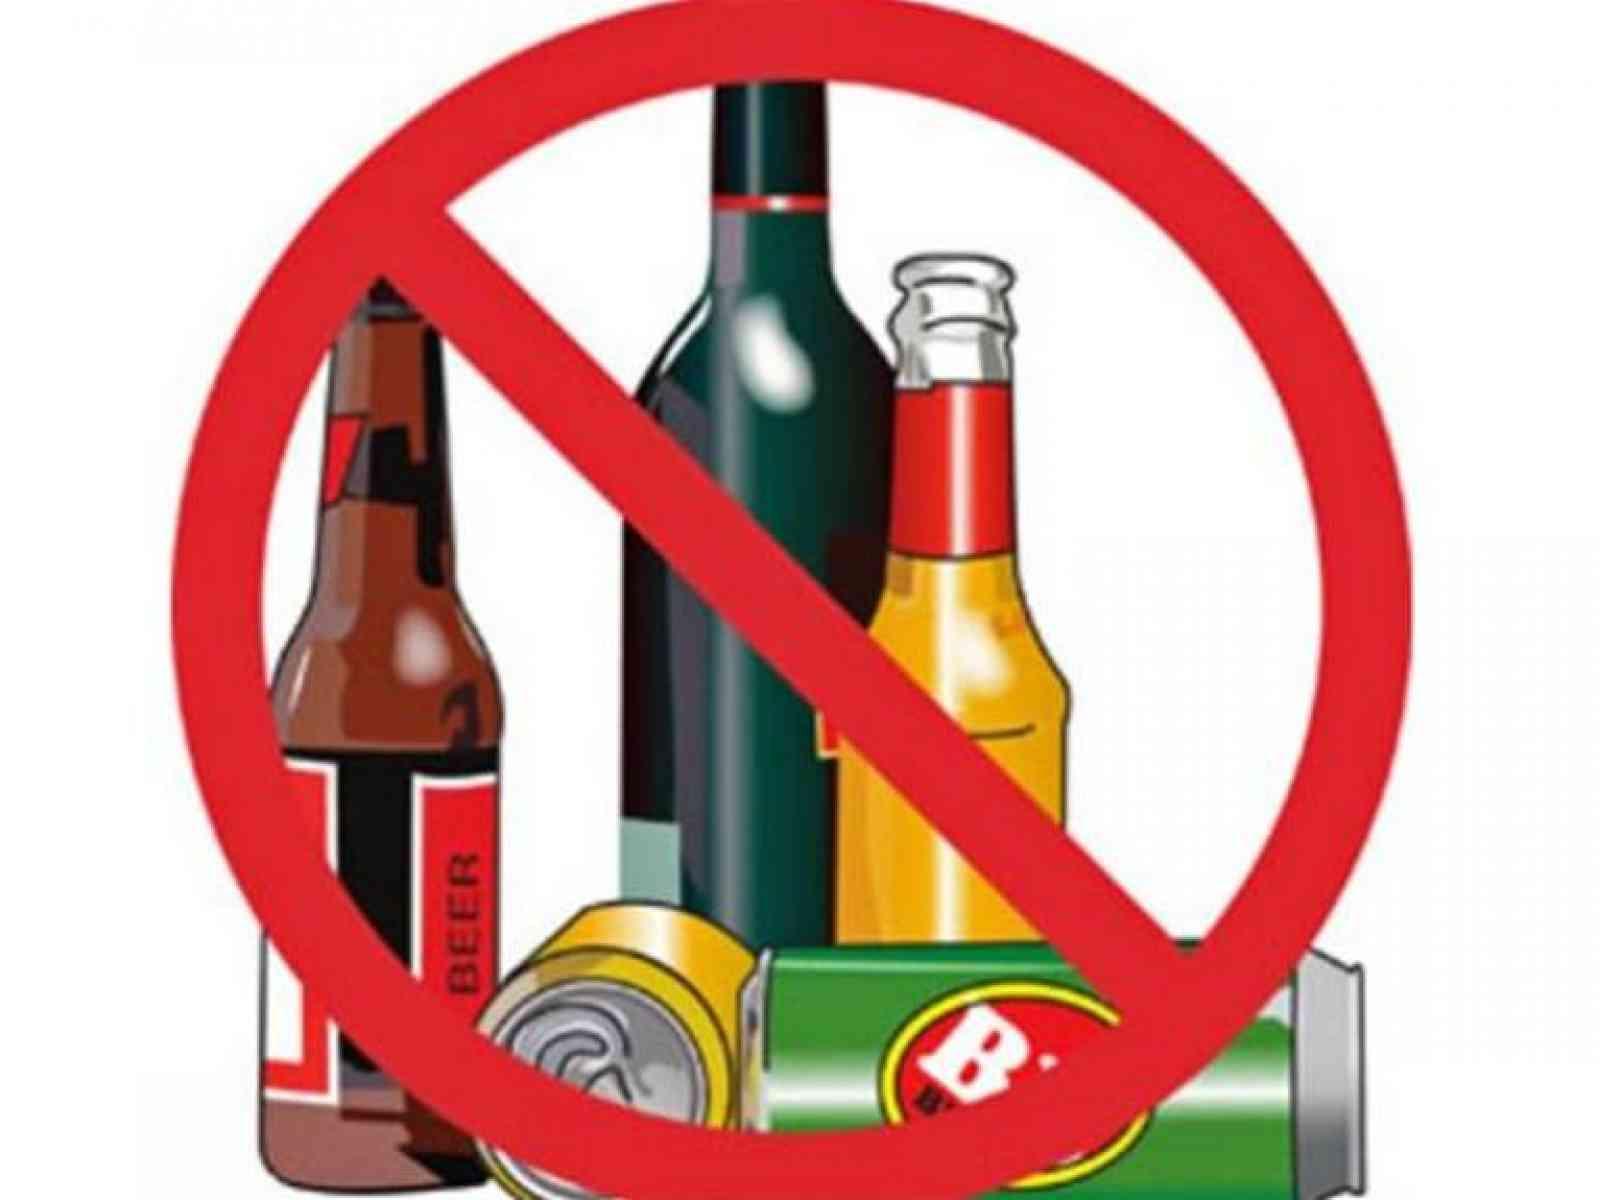 Immagine articolo: Montevago, divieto di vendita e consumo di bevande in bottiglie di vetro e lattine. Previste sanzioni per chi non rispetta l'ordinanza